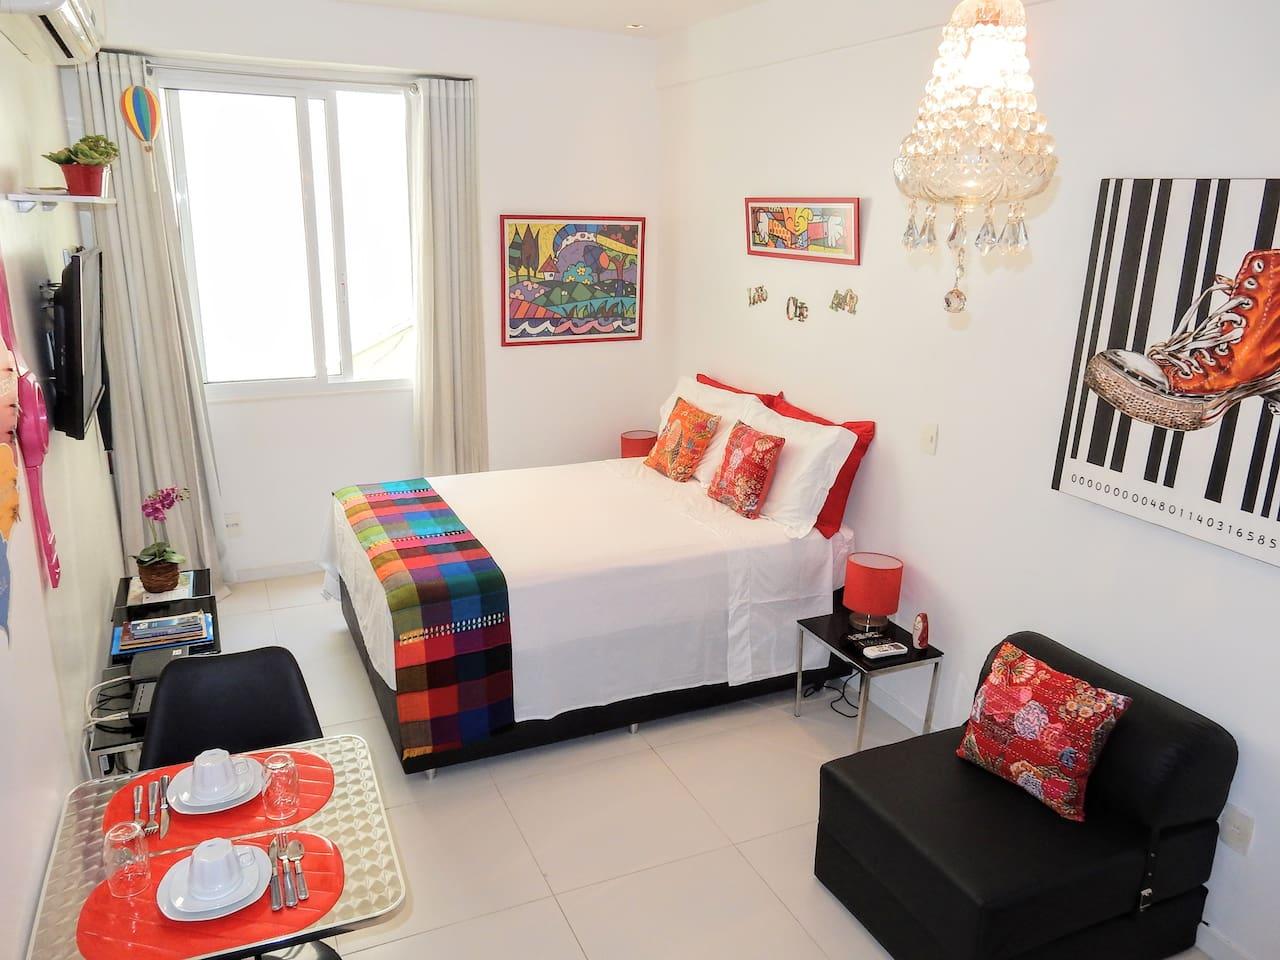 Cama confortável // Comfortable bed